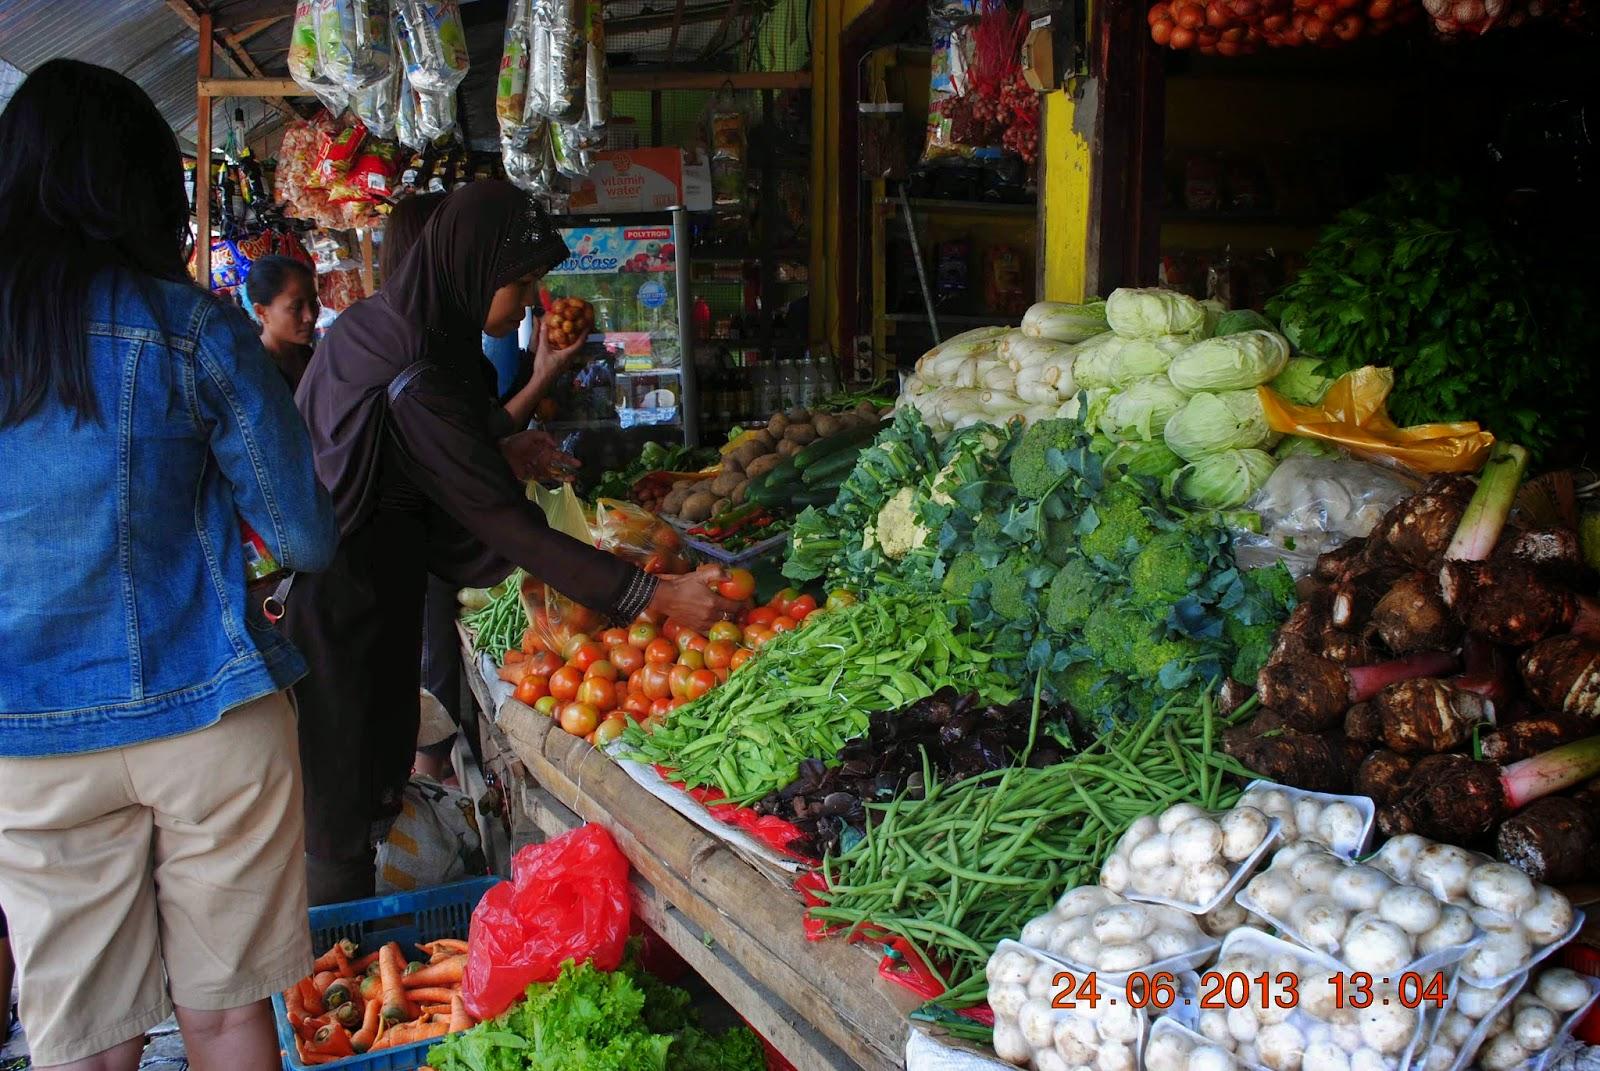 Destinasi Wisata Surabaya Pasar Bunga Brantang Tempat Menemukan Segala Jenis